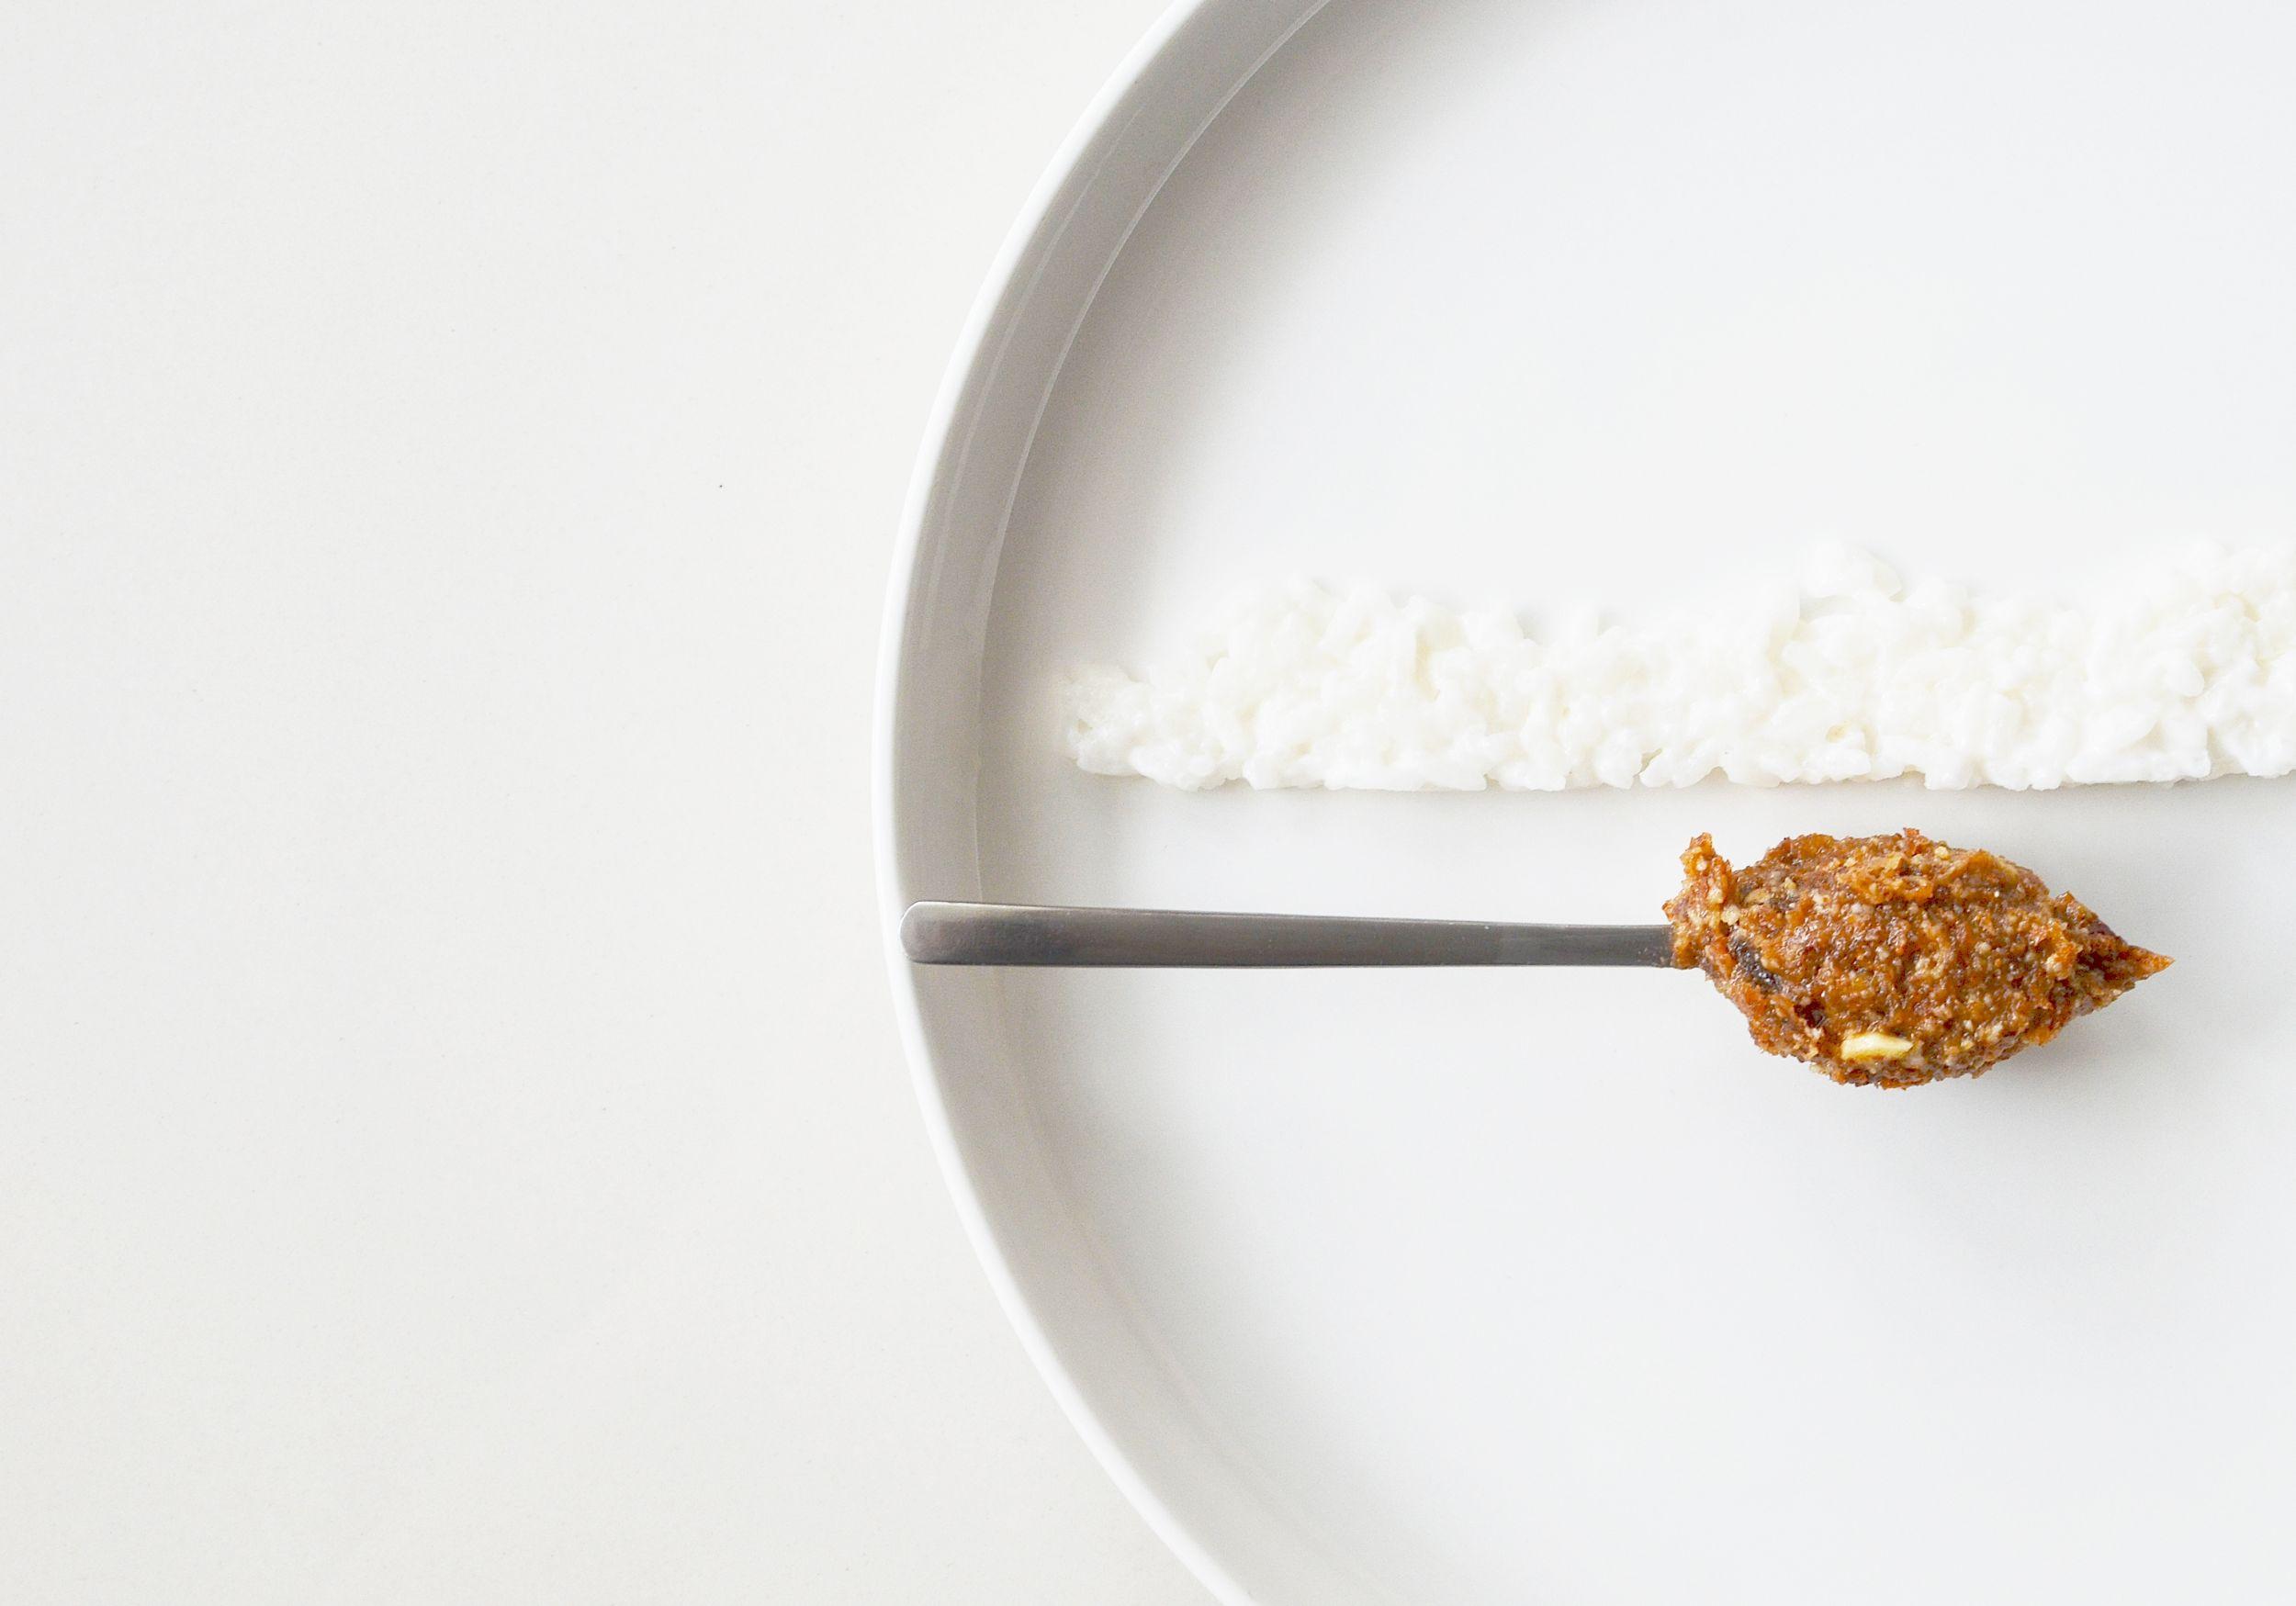 Wyszukany deser: cytrynowy ryż jaśminowy, mleko kokosowe, pasta z rodzynek i migdałów (fot. Jagna Niedzielska / Architektura Kulinarna)